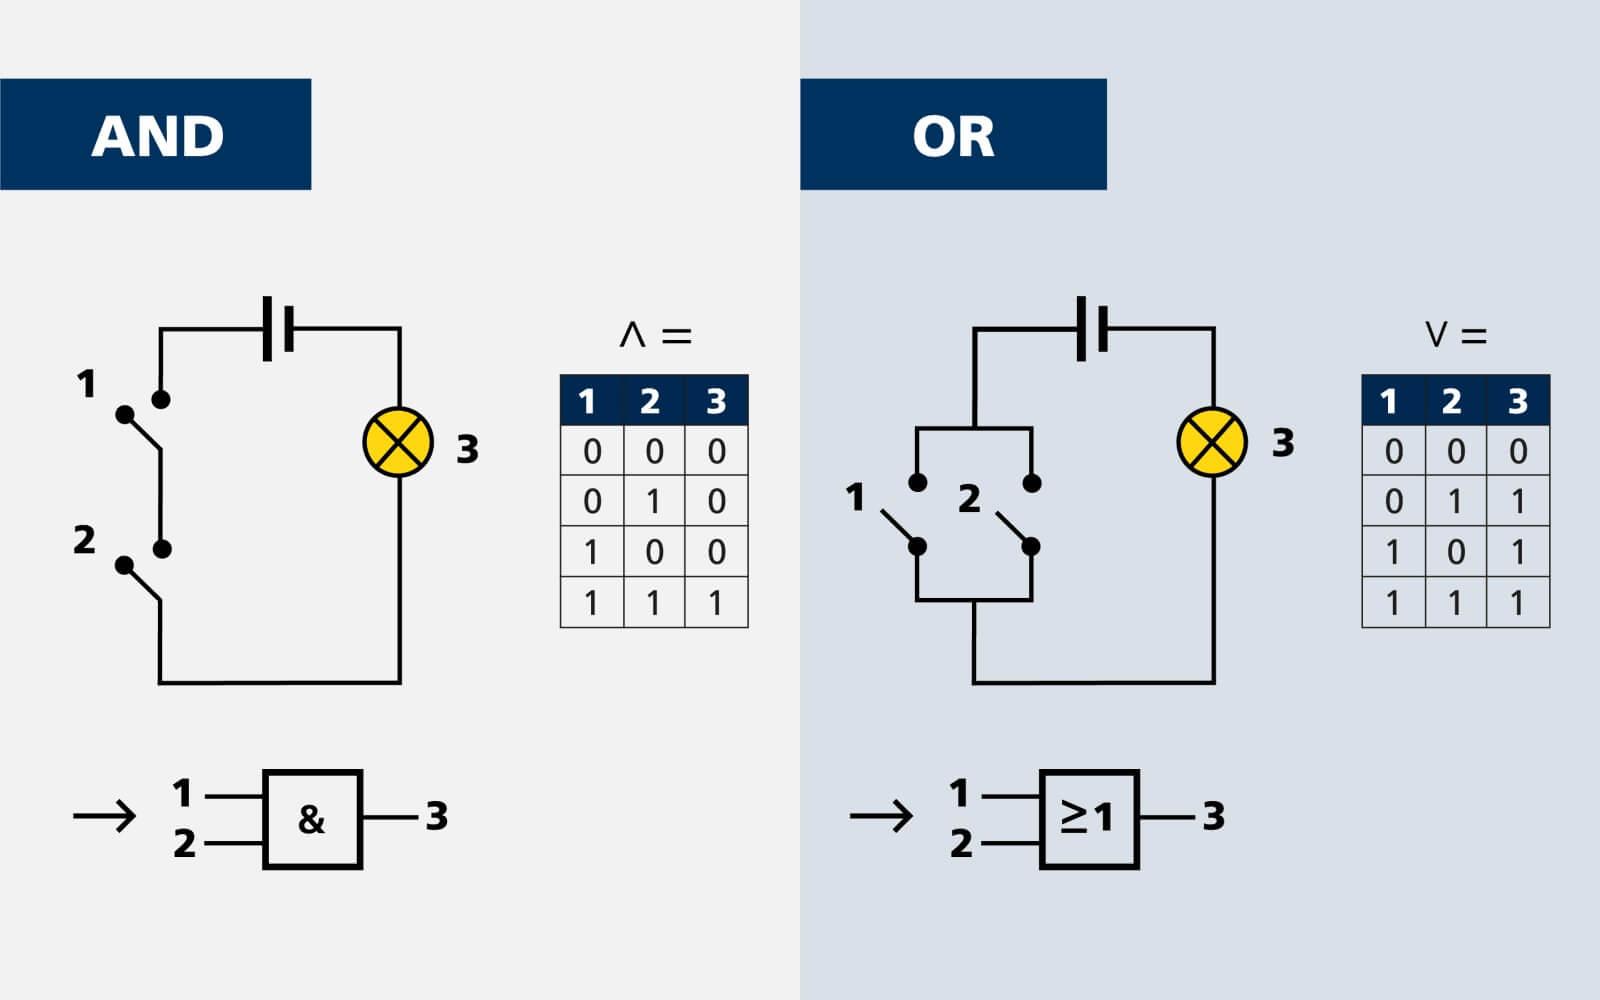 2 - Logikgatter - wie rechnet der Computer